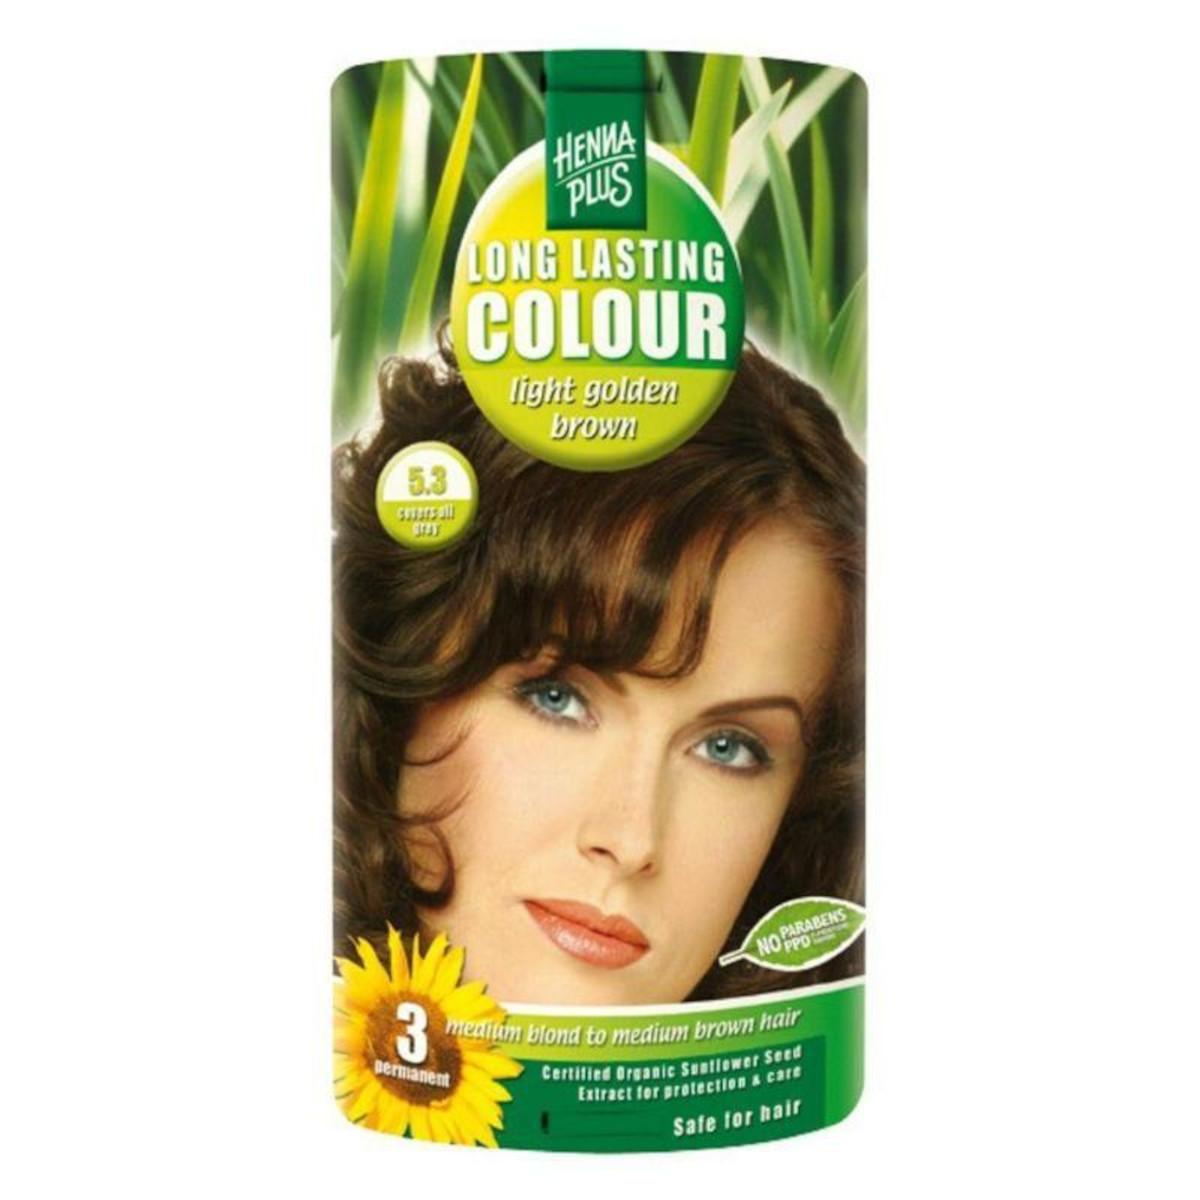 Henna Plus Dlouhotrvající barva Světle zlatá hnědá 5.3 100 ml